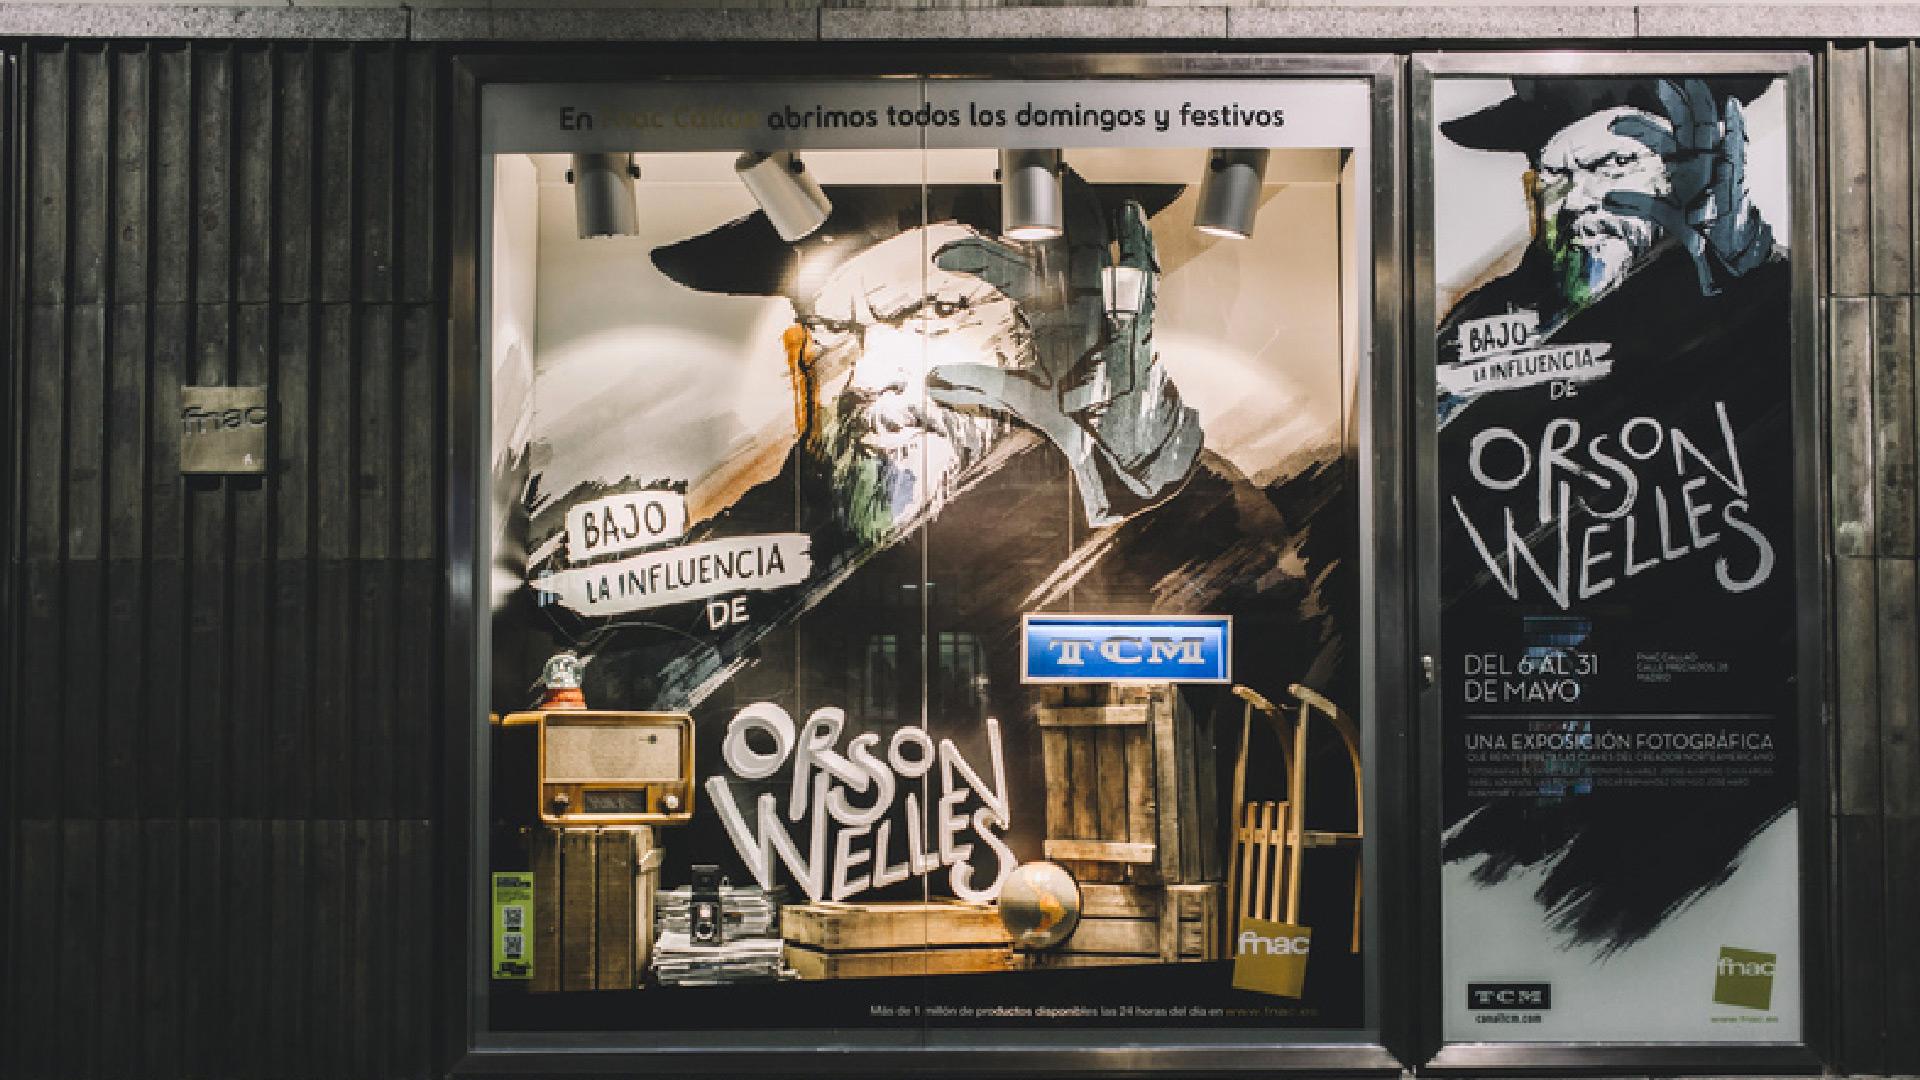 Bajo la influencia de Orson Welles